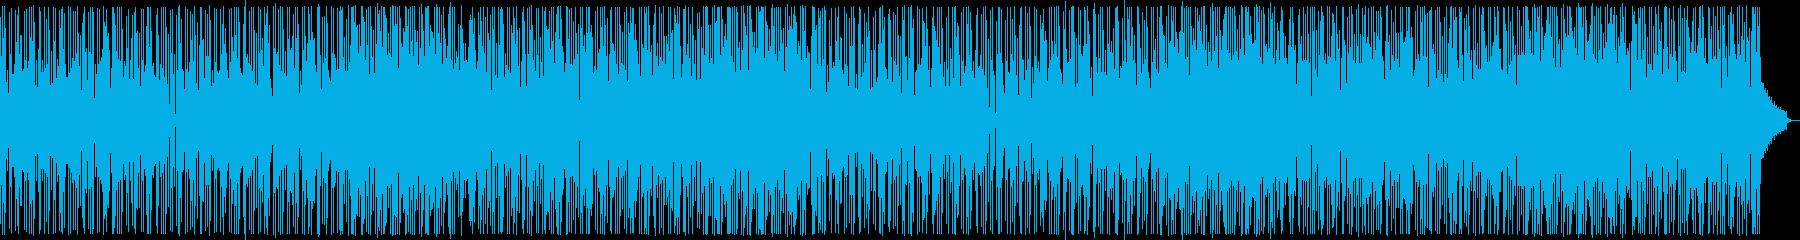 コミカルなファンキーオルガン:フルx2の再生済みの波形